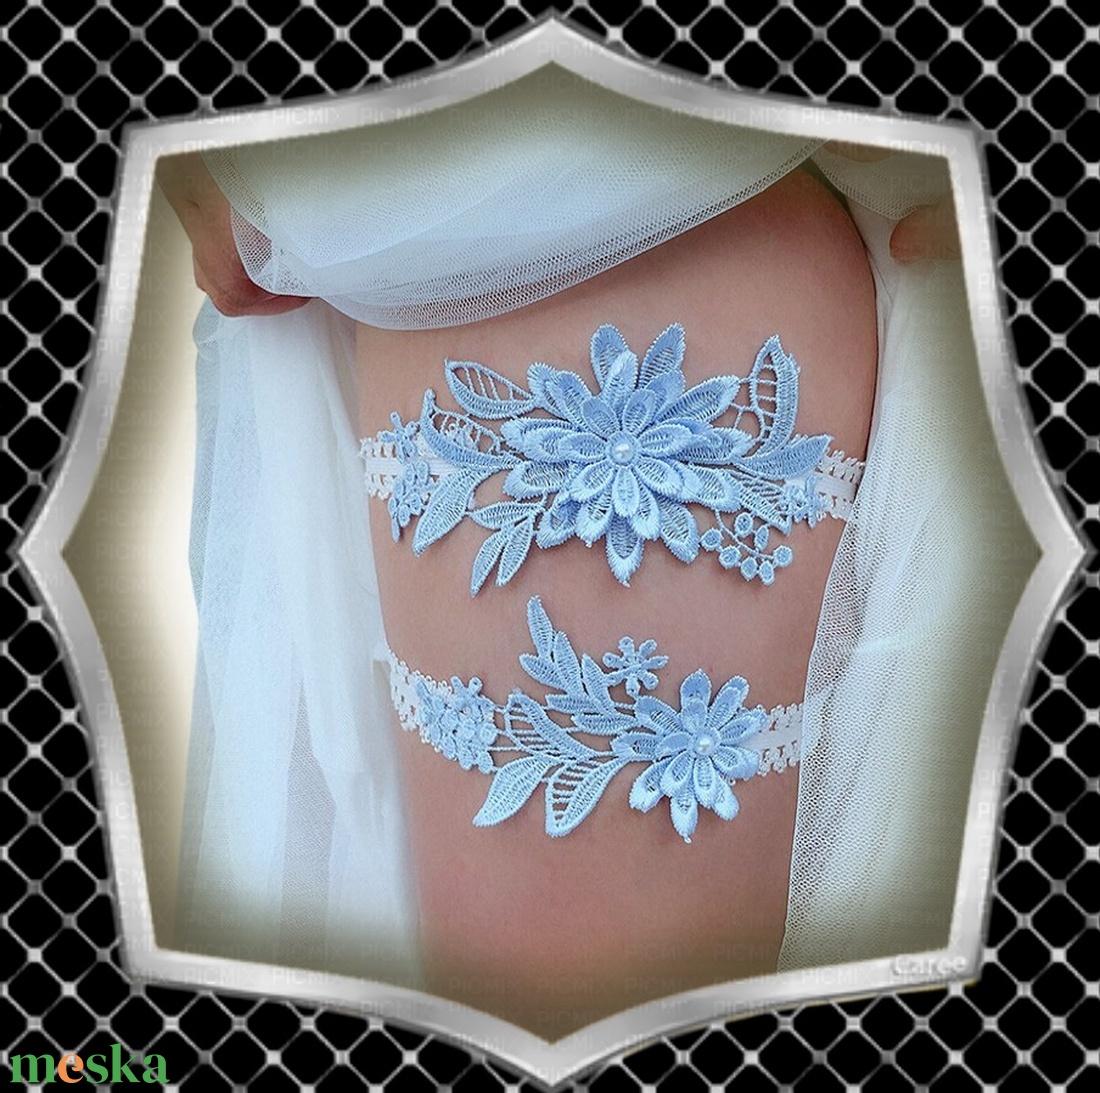 Esküvői, menyasszonyi harisnyakötő szett  ES-HK01-1 - esküvő - kiegészítők - harisnyatartó & valami kék - Meska.hu